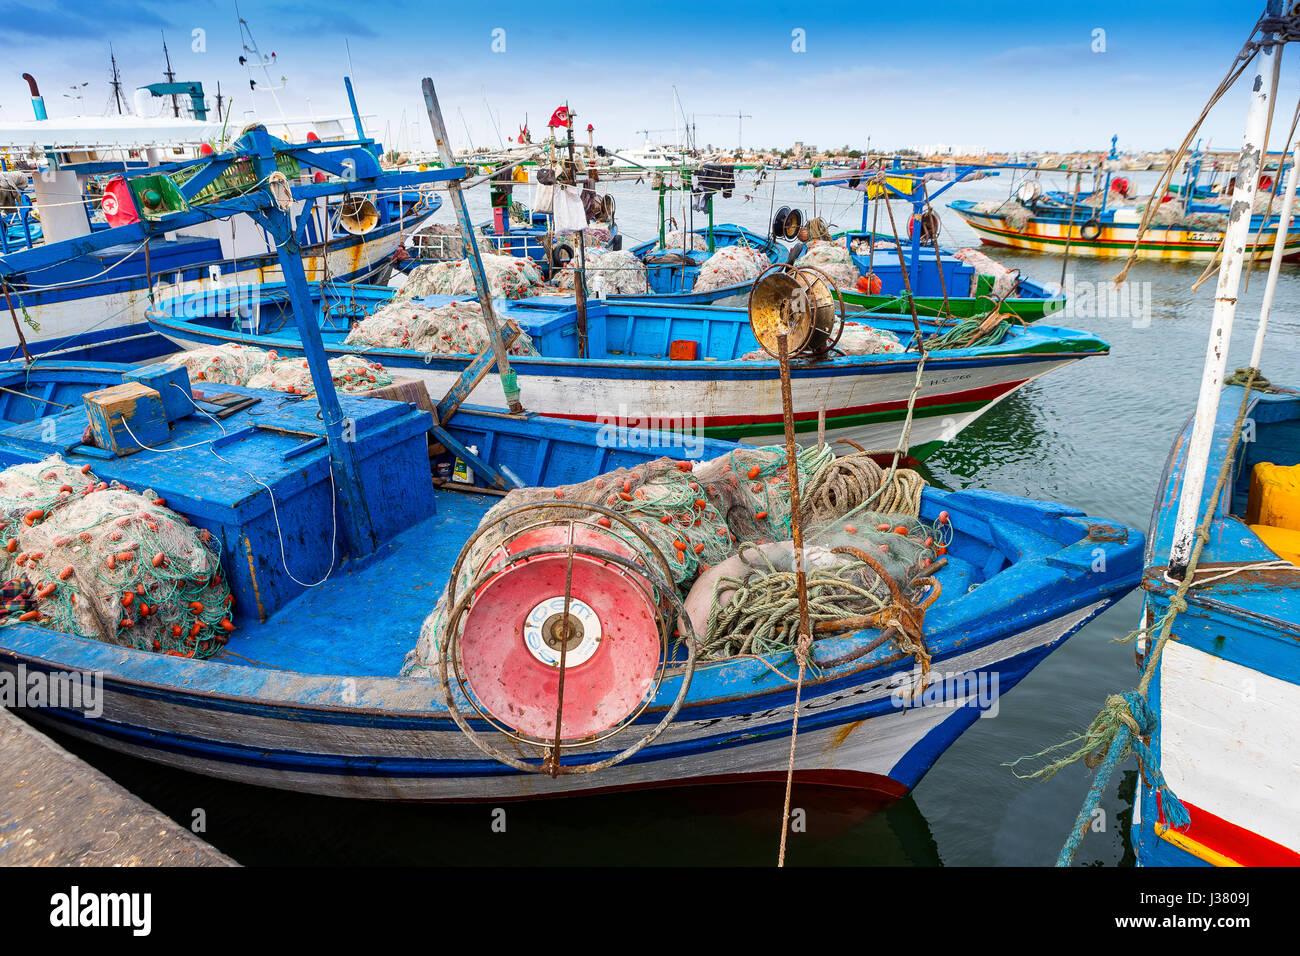 La pesca tradizionale imbarcazione in rHoumt Souk, Marina, Tunisia, barche da pesca, isola di Djerba, Immagini Stock